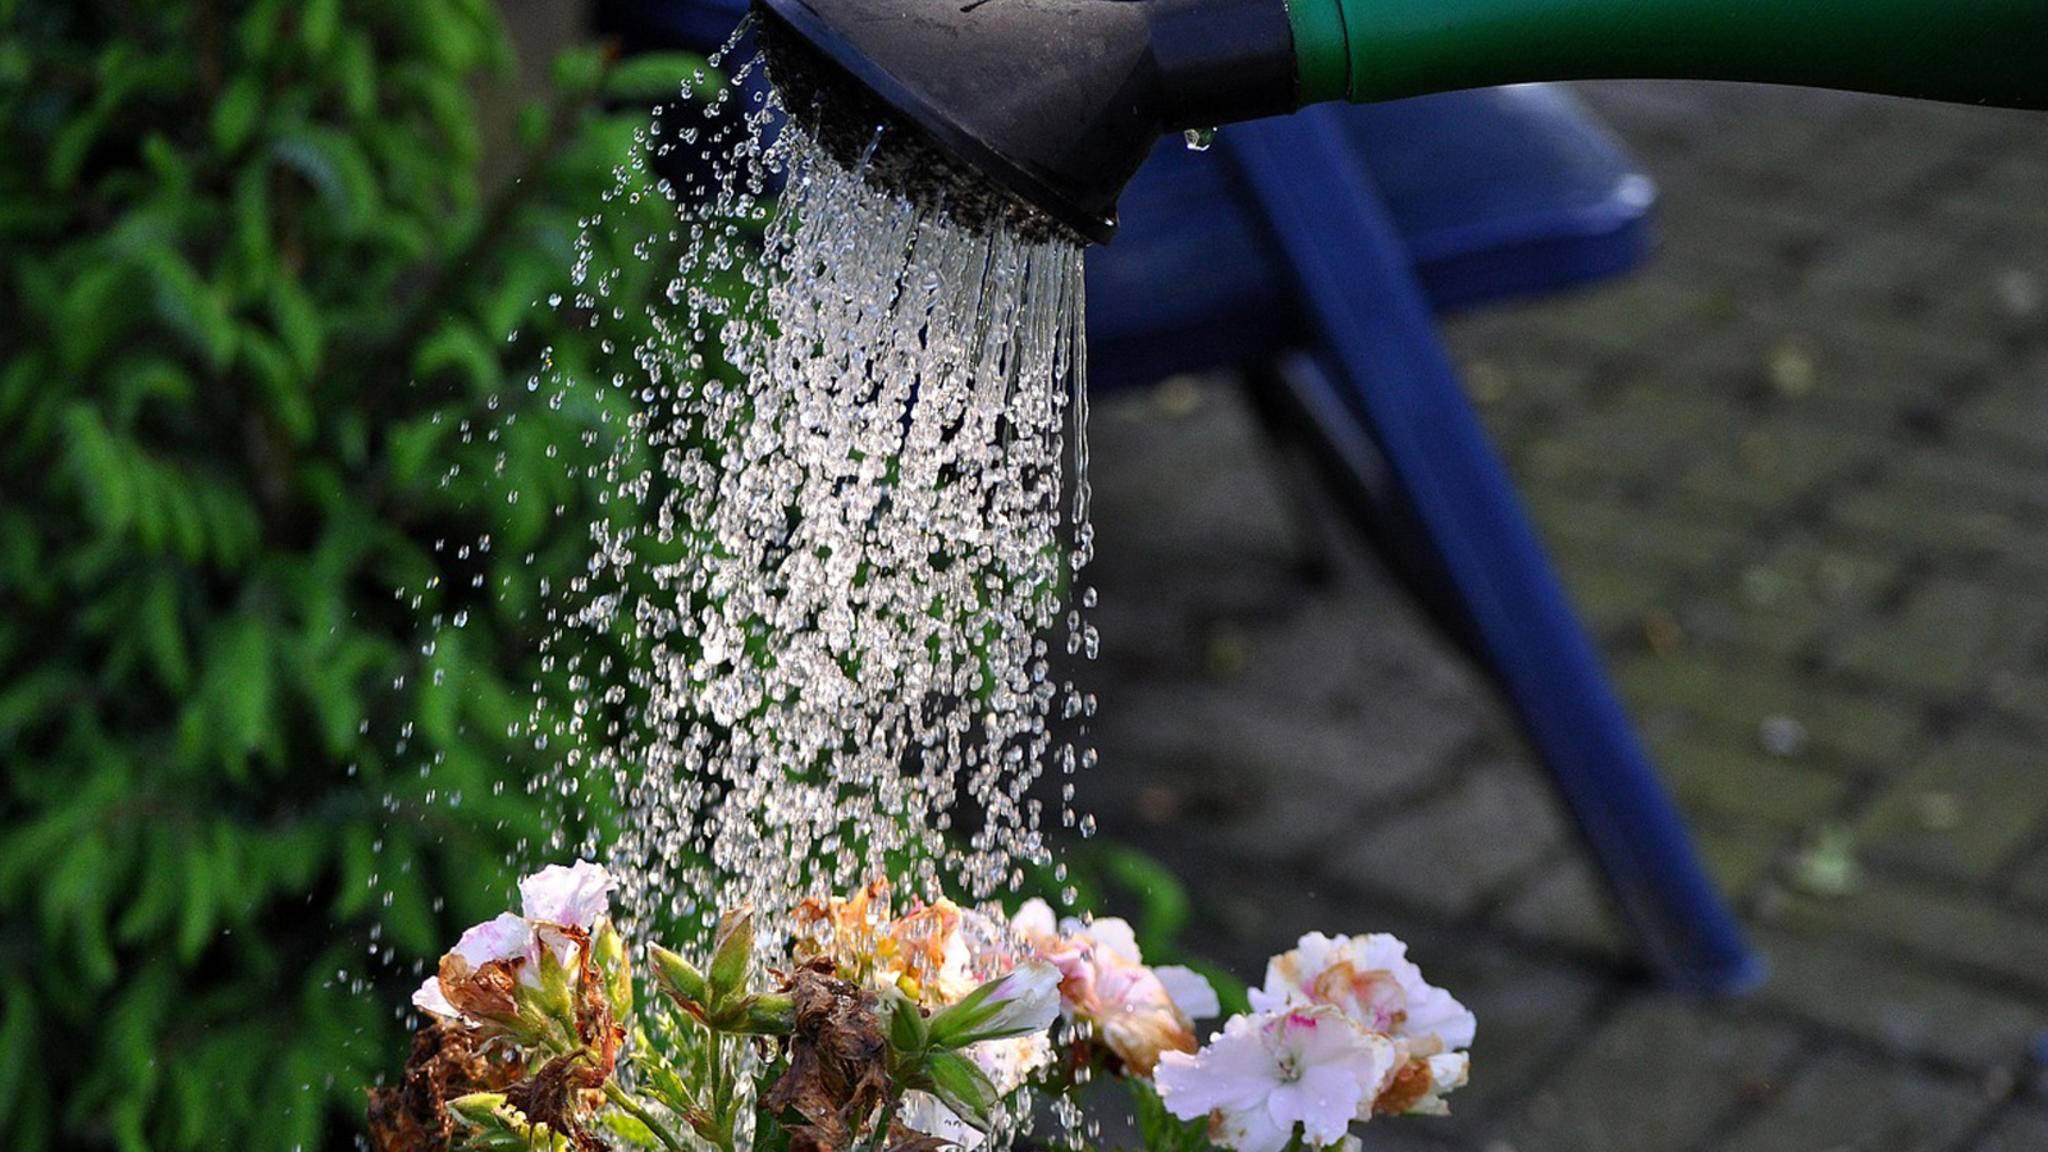 Alles andere als Abfall: Der Kaffeesatz sollte zwei- bis viermal jährlich im Garten Verwendung finden – auch verdünnt mit Wasser als Flüssigdünger.